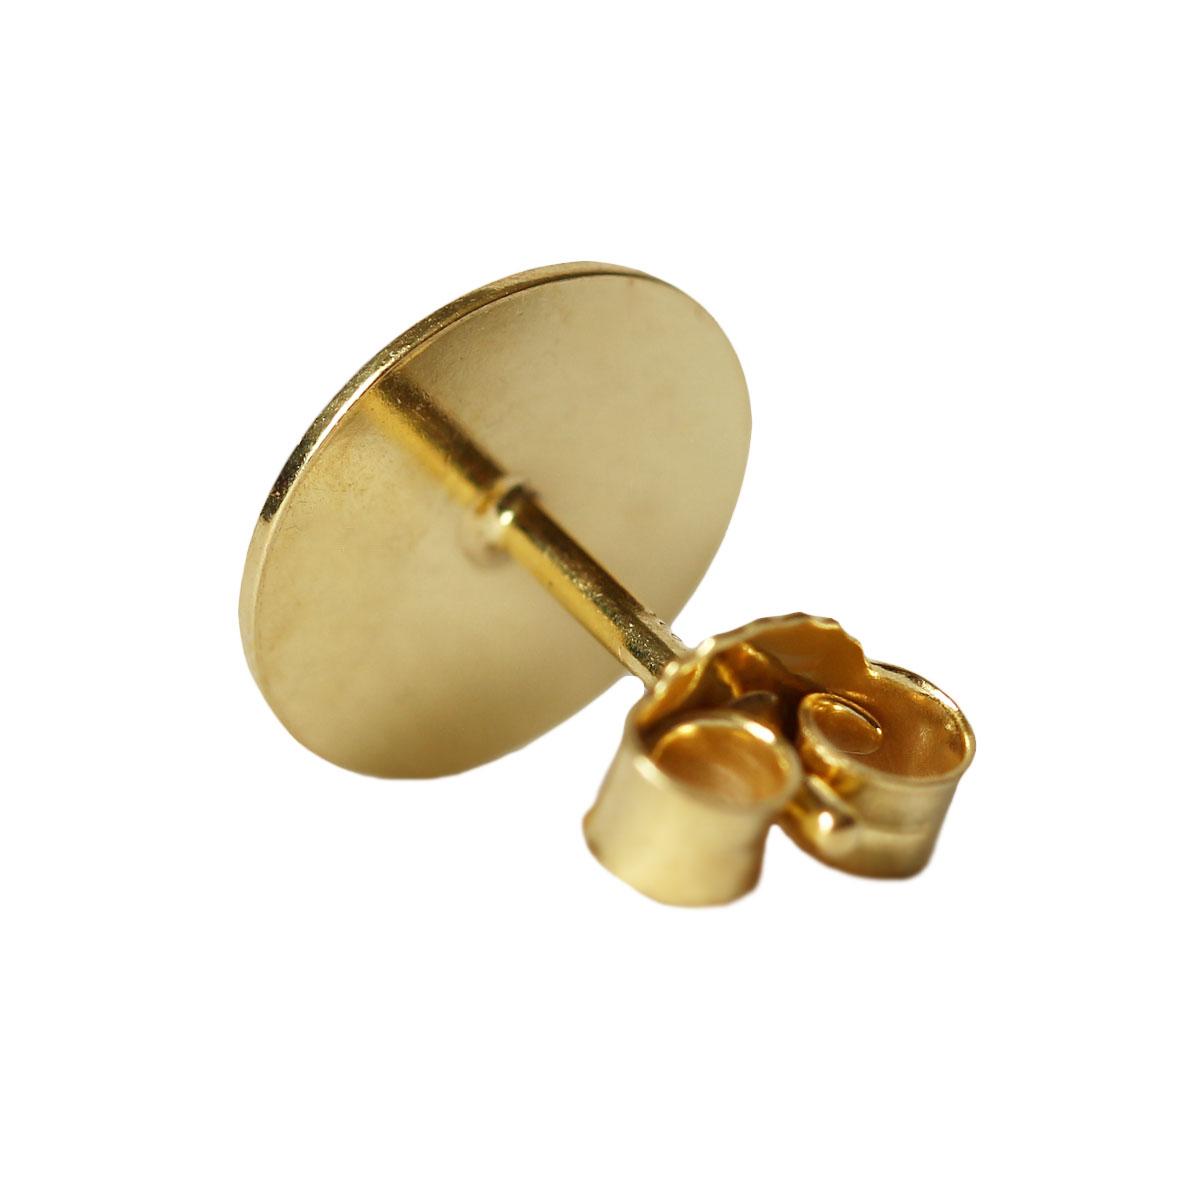 ohrstecker rohling mit platte 925er silber vergoldet 3. Black Bedroom Furniture Sets. Home Design Ideas